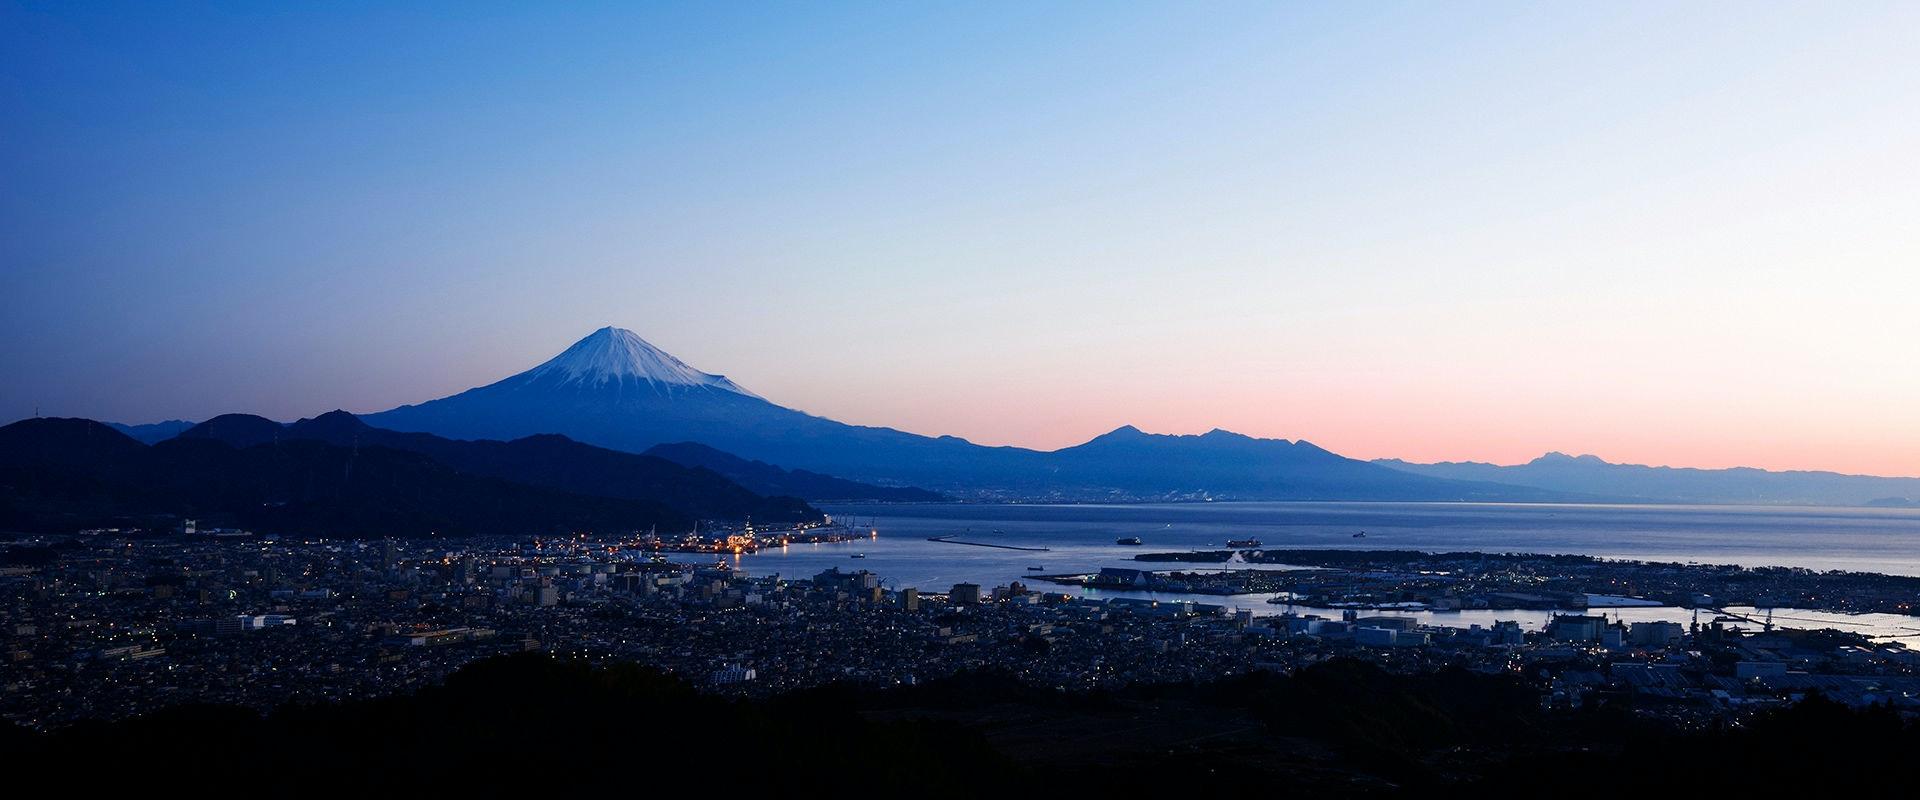 日本平ホテル 富士山